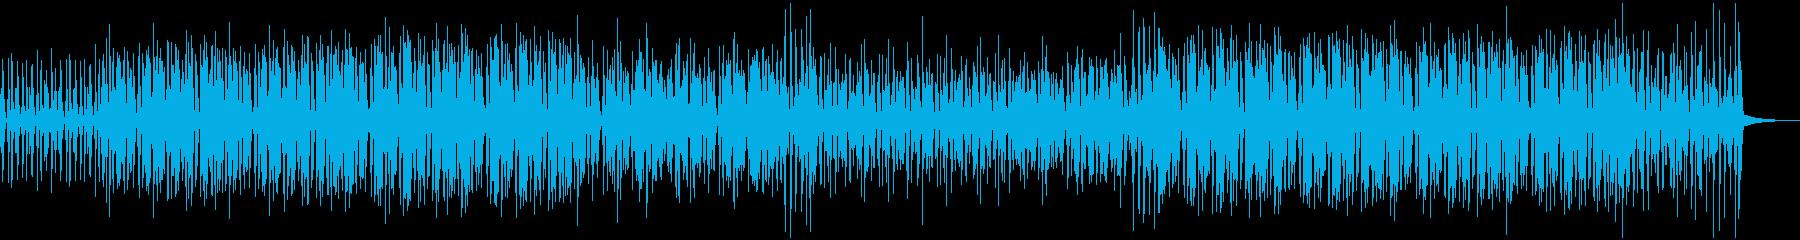 渋くておしゃれなジャズBGMの再生済みの波形